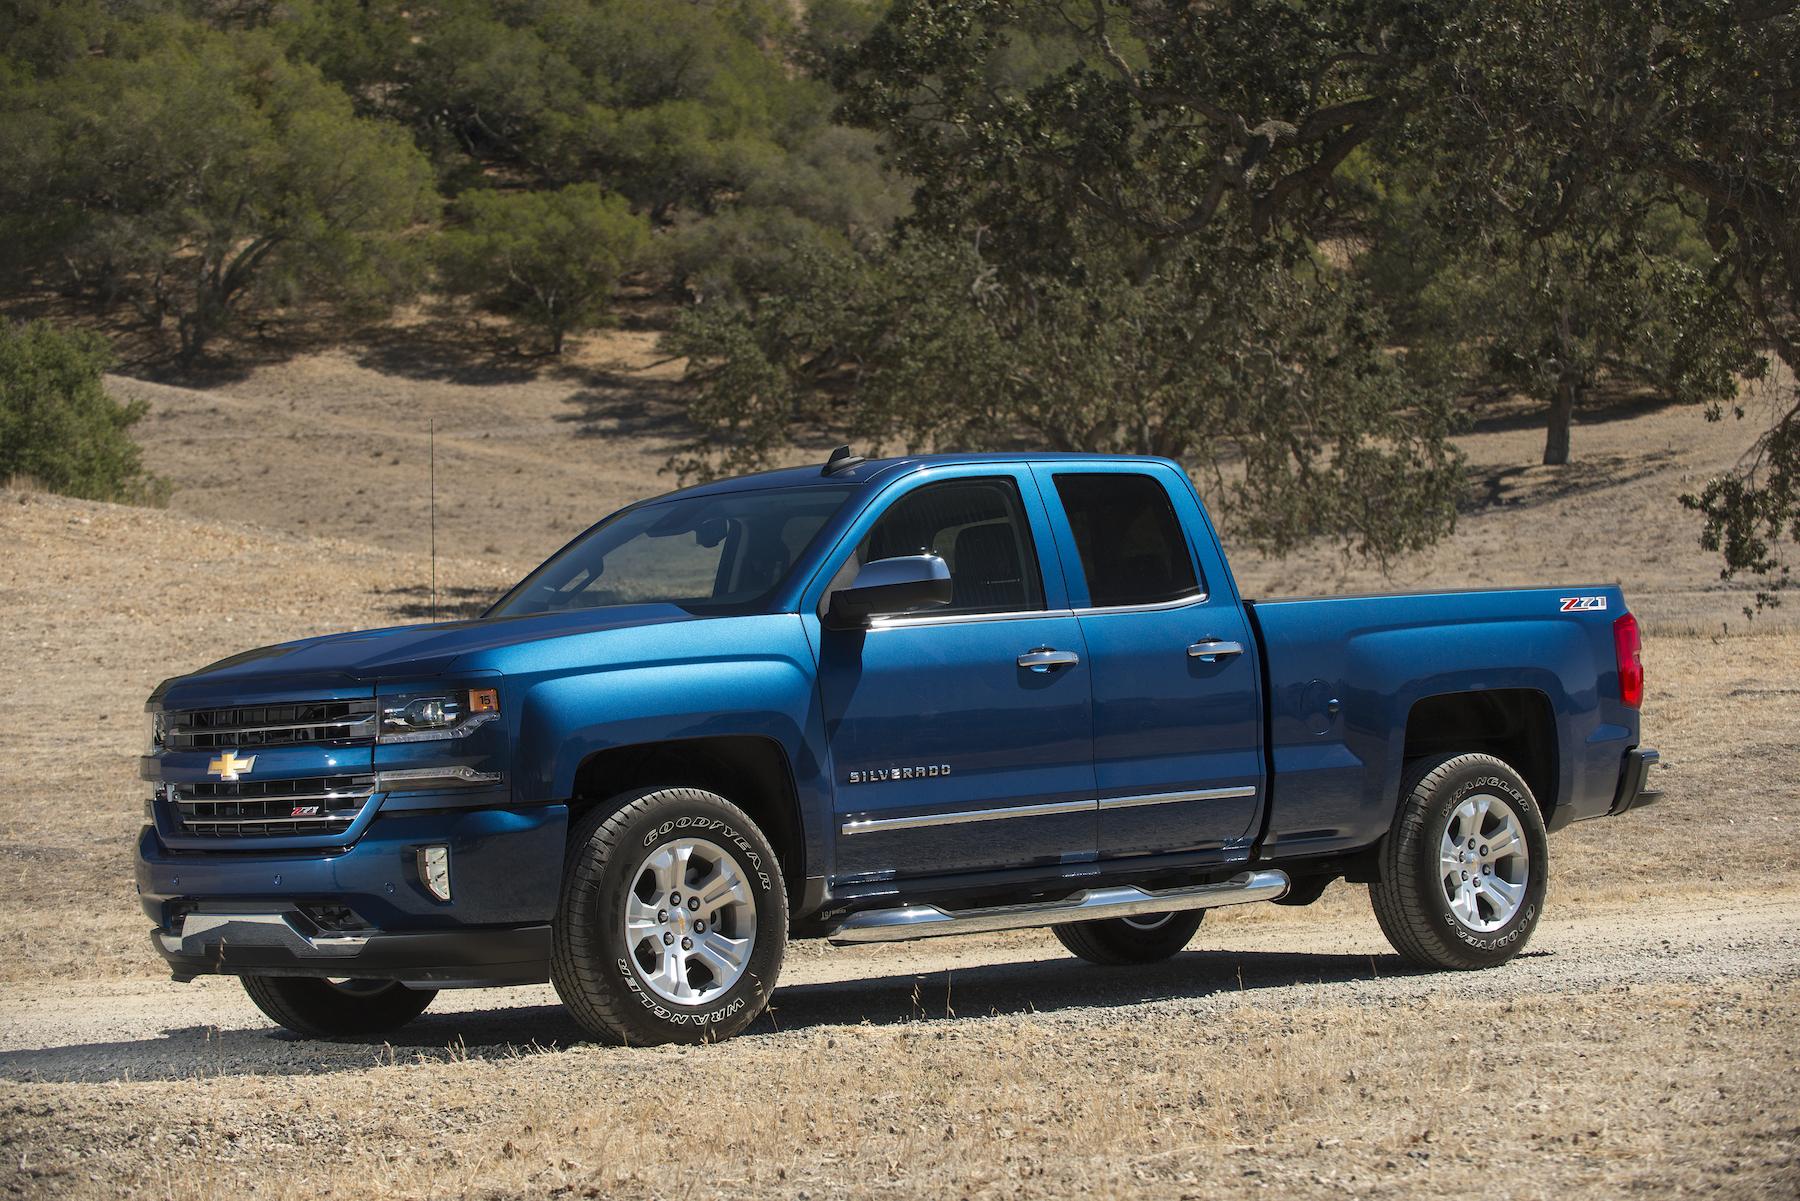 A blue 2018 Chevrolet Silverado pickup